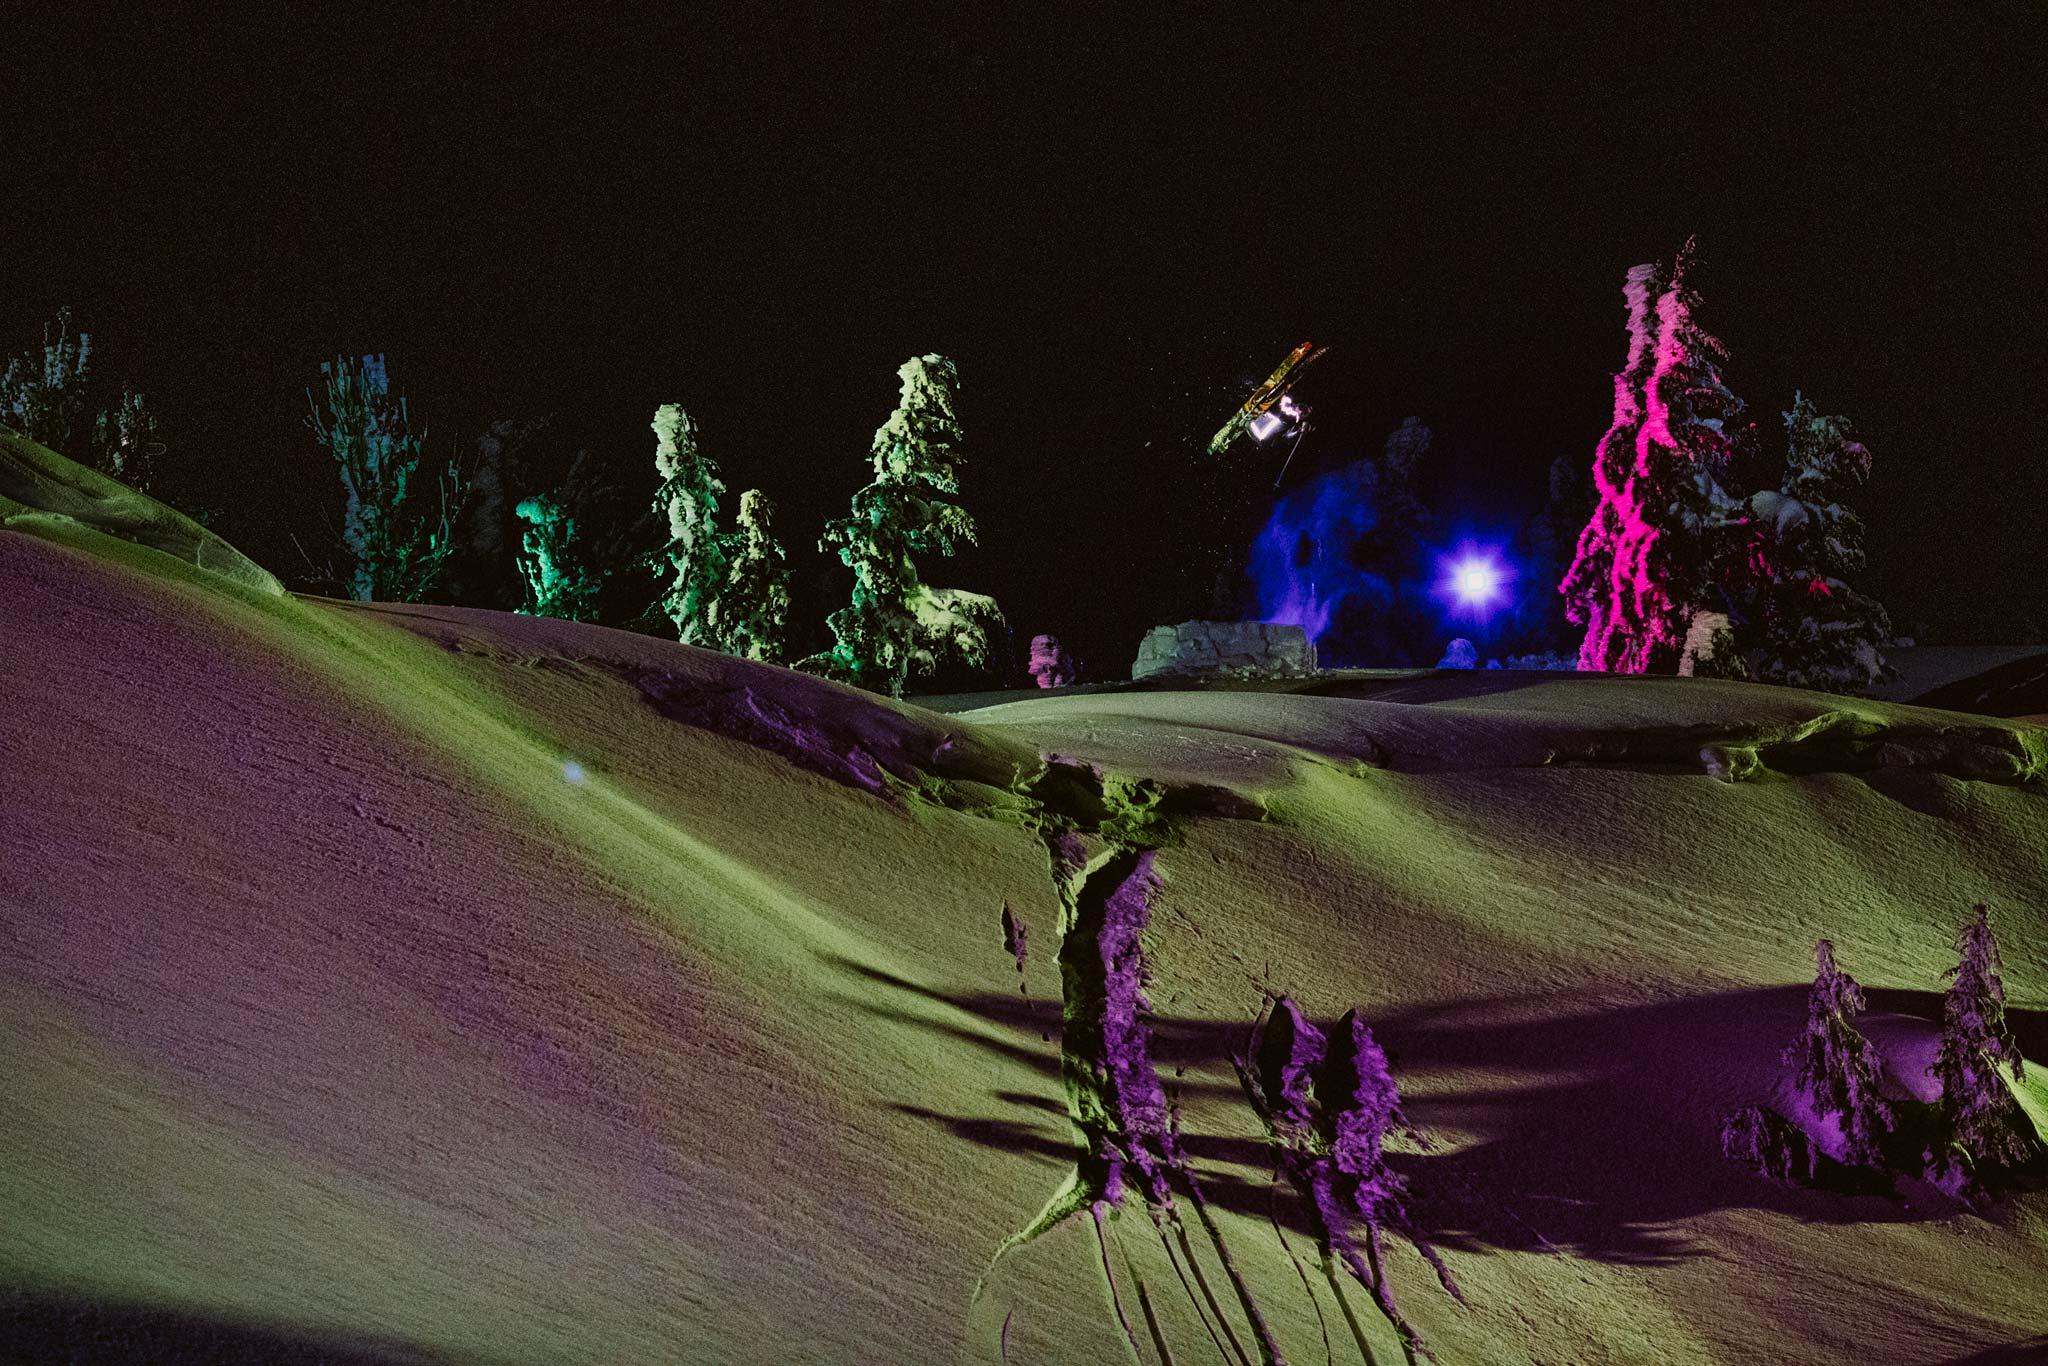 """Bei der Produktion von """"Fire on the Mountain"""" profitierte Chris Benchetler von seiner Erfahrung bei der Produktion von """"Afterglow"""" von Sweetgrass Production im Jahr 2014 in Alyeska (Alaska) - Foto: Aaron Blatt"""